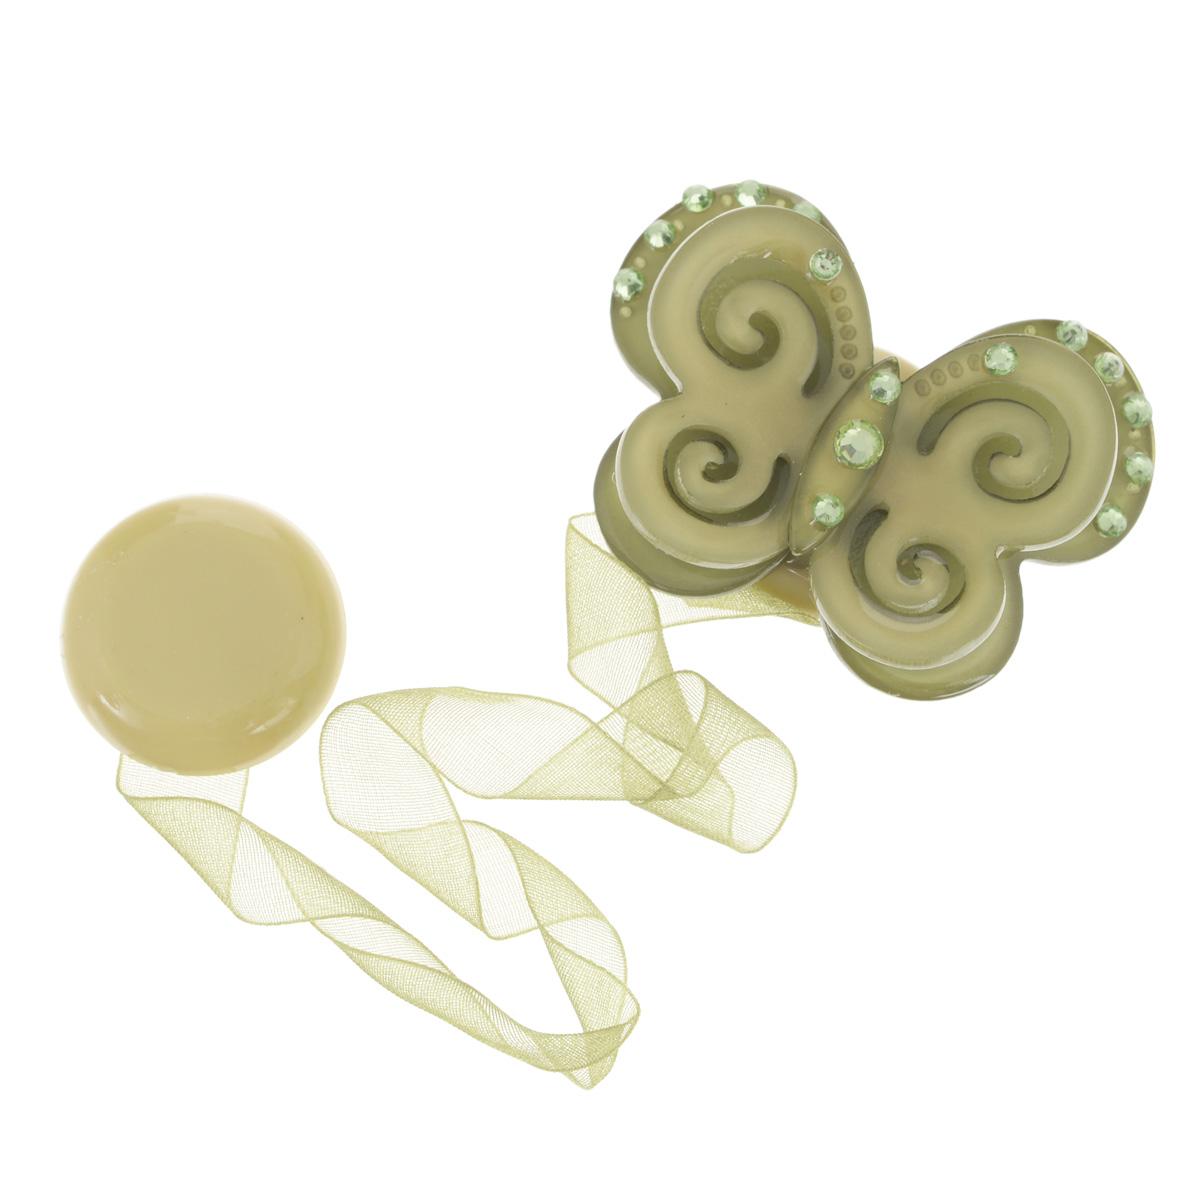 Клипса-магнит для штор Calamita Fiore, цвет: зеленый_781CDF-16Клипса-магнит Calamita Fiore, изготовленная из пластика и текстиля, предназначена для придания формы шторам. Изделие представляет собой два магнита, расположенные на разных концах текстильной ленты. Один из магнитов оформлен декоративной бабочкой со стразами. С помощью такой магнитной клипсы можно зафиксировать портьеры, придать им требуемое положение, сделать складки симметричными или приблизить портьеры, скрепить их. Клипсы для штор являются универсальным изделием, которое превосходно подойдет как для штор в детской комнате, так и для штор в гостиной. Следует отметить, что клипсы для штор выполняют не только практическую функцию, но также являются одной из основных деталей декора этого изделия, которая придает шторам восхитительный, стильный внешний вид. Материал: пластик, полиэстер, магнит.Размер бабочки: 5,5 см. х 4,5 см.Диаметр магнита: 2,5 см.Длина ленты: 28 см.